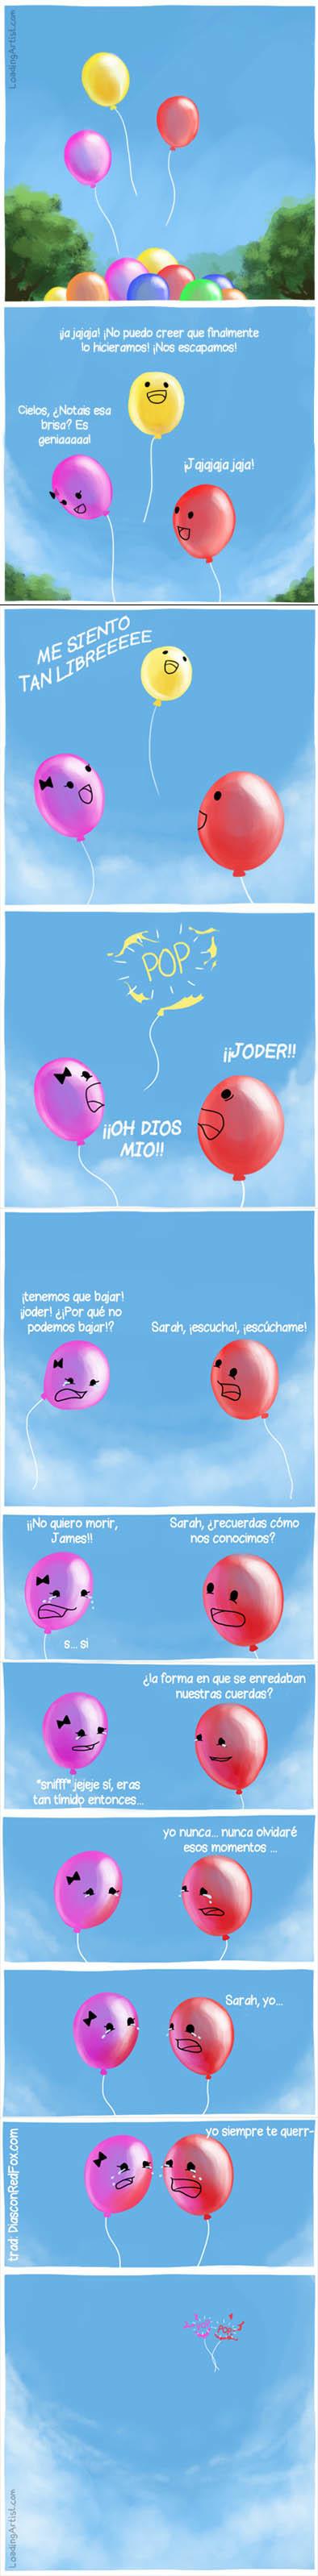 Otros - La historia de amor de dos globos con final trágico